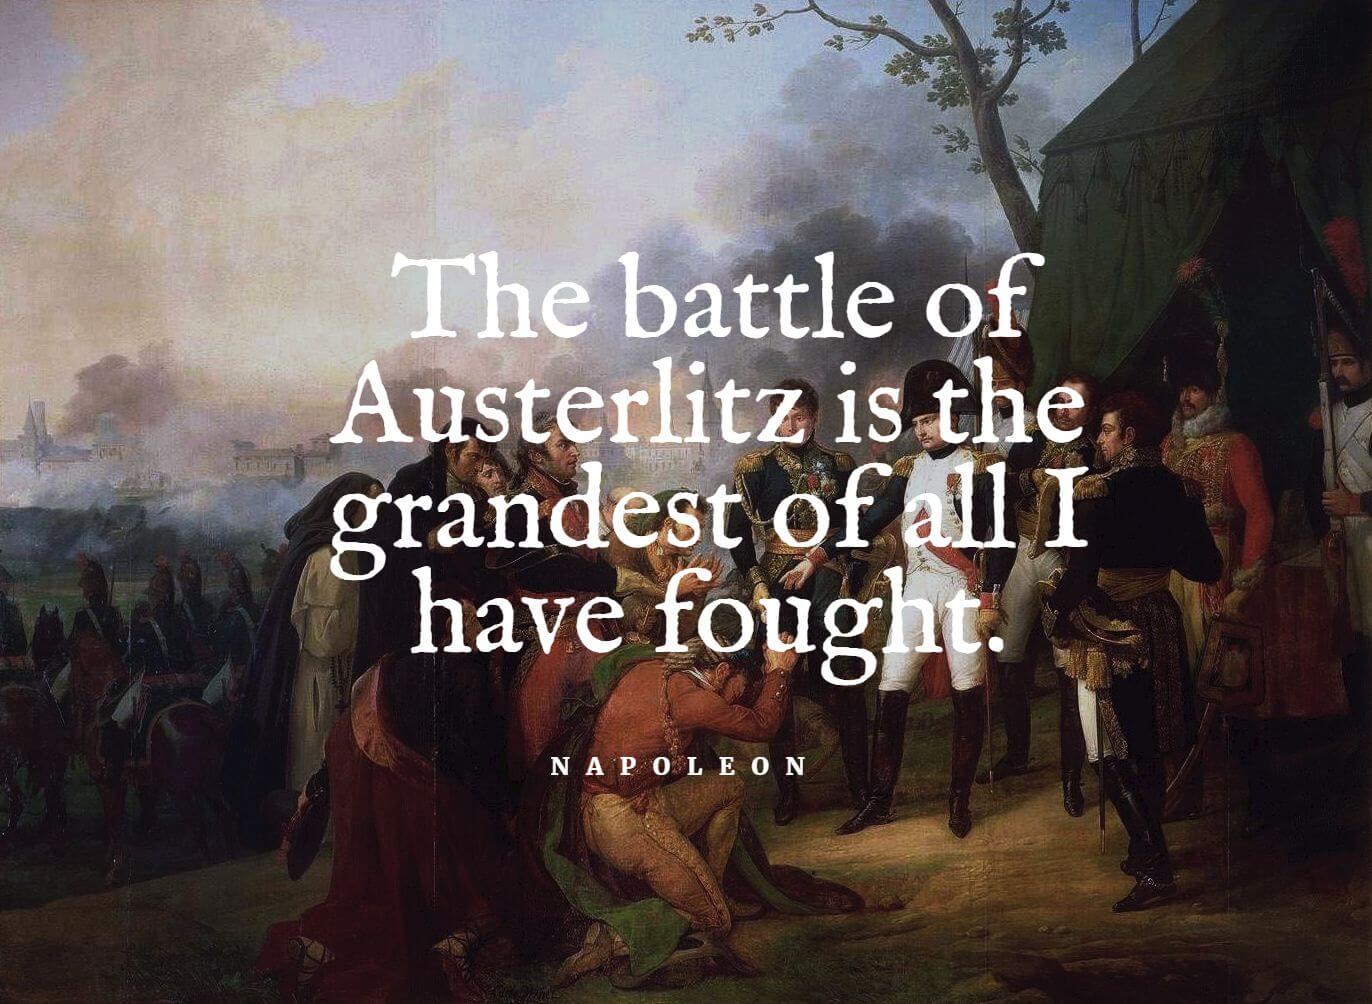 Napoleon Bonaparte about the battle of austerlitz